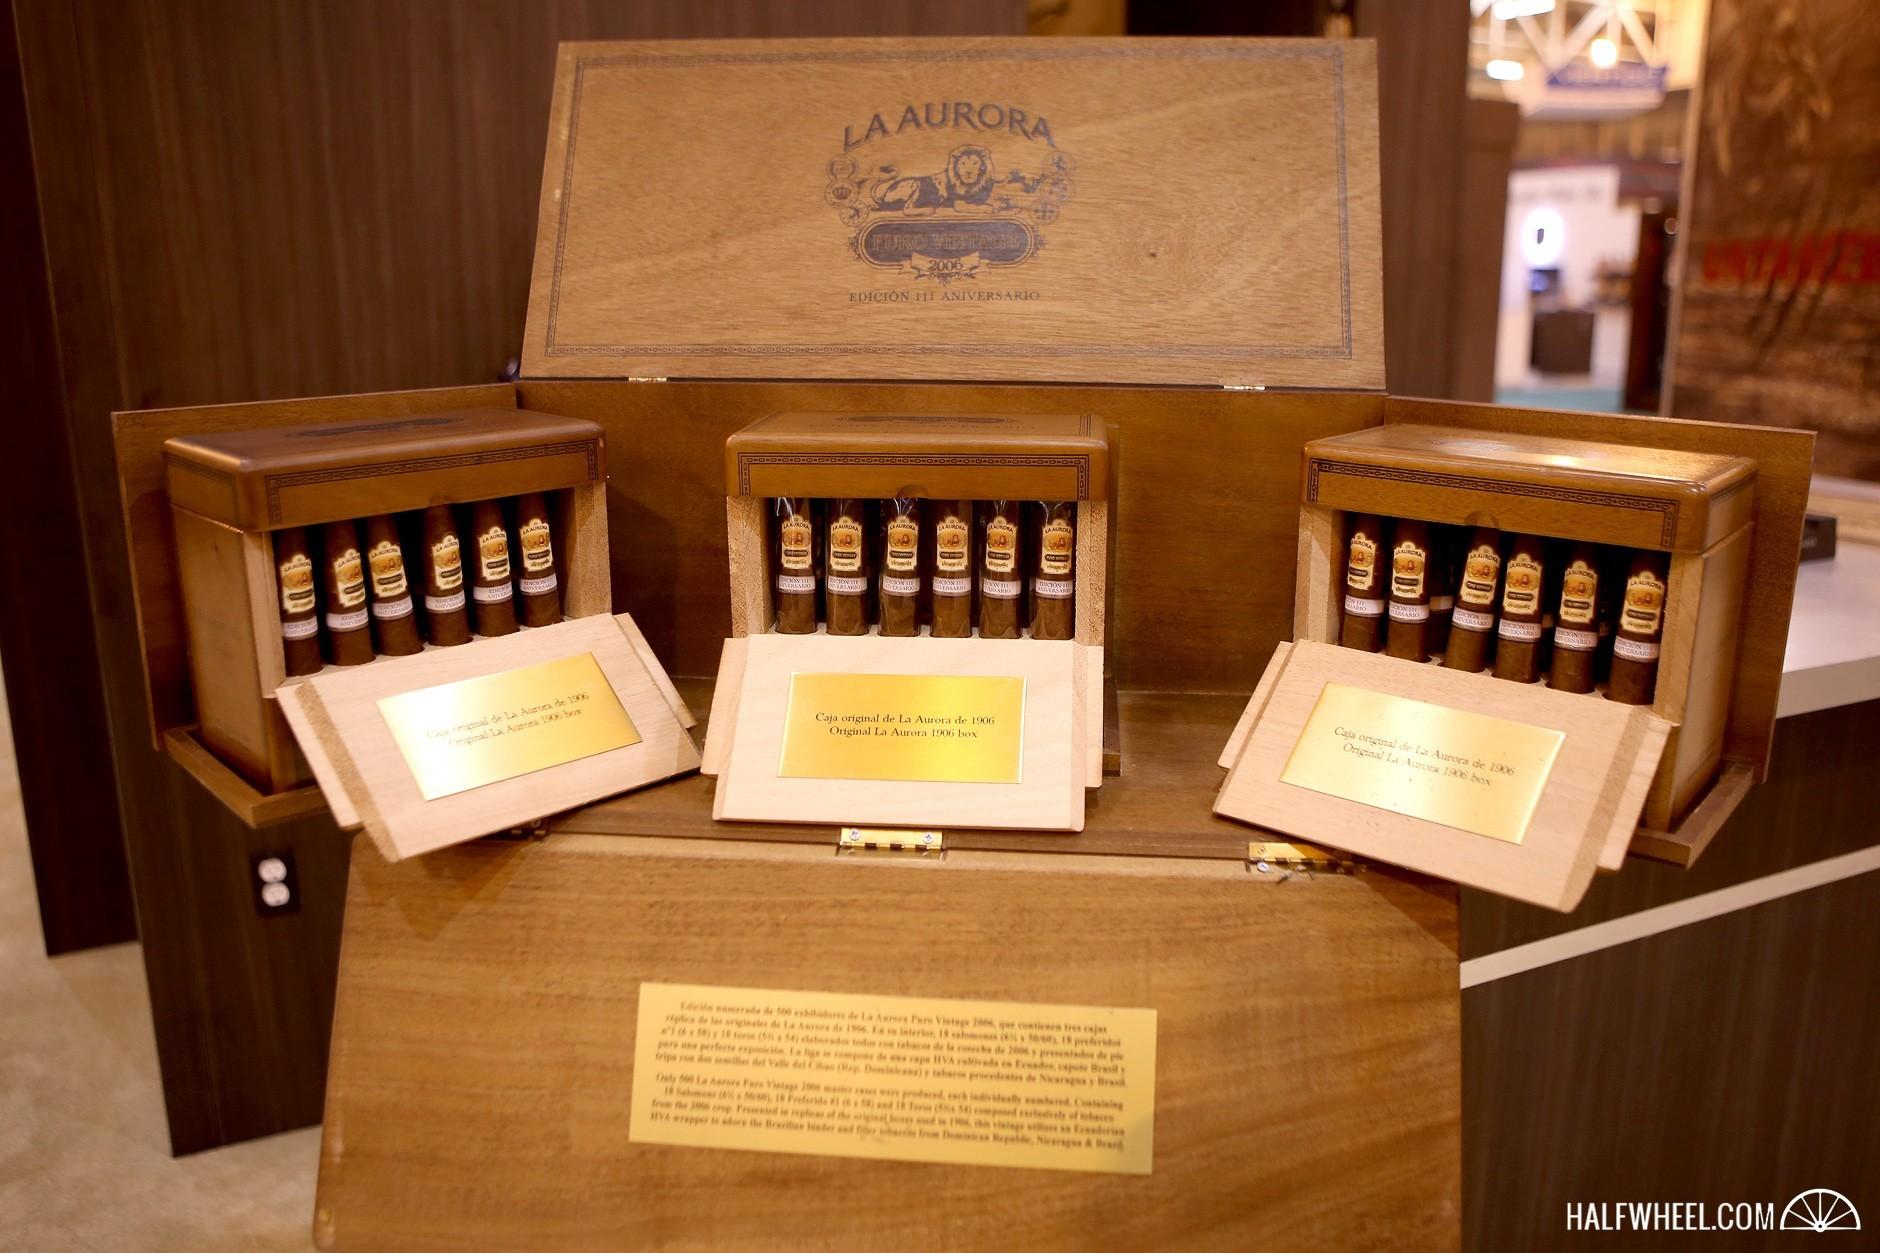 La Aurora Puro Vintage Humidor